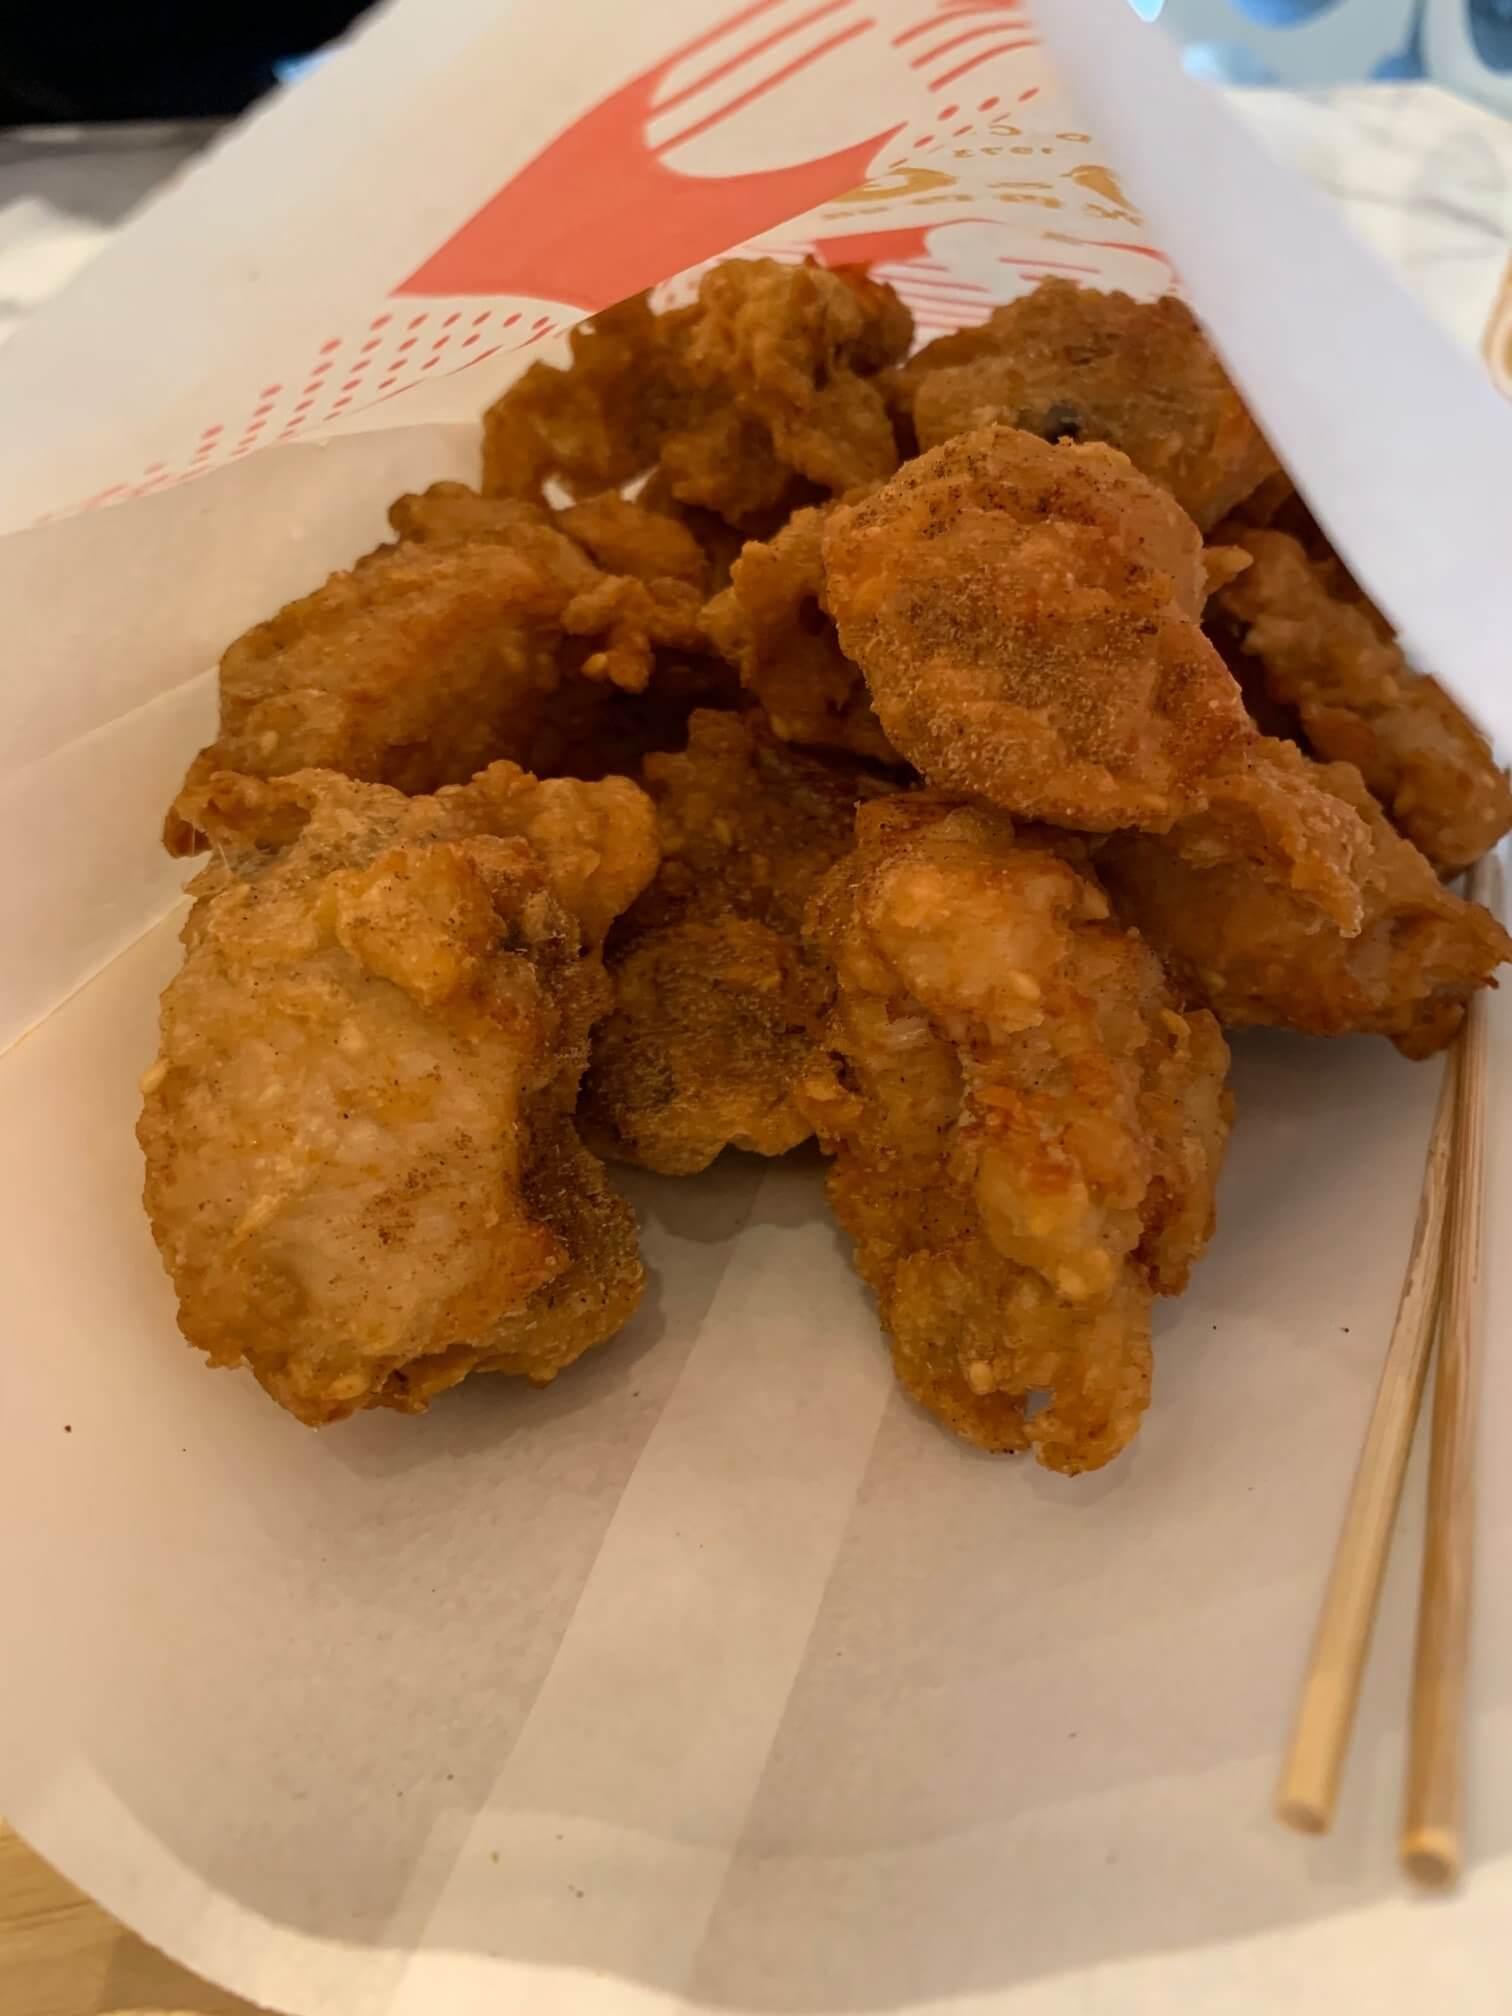 繼光香香雞(J&G Fried Chicken)繼光店